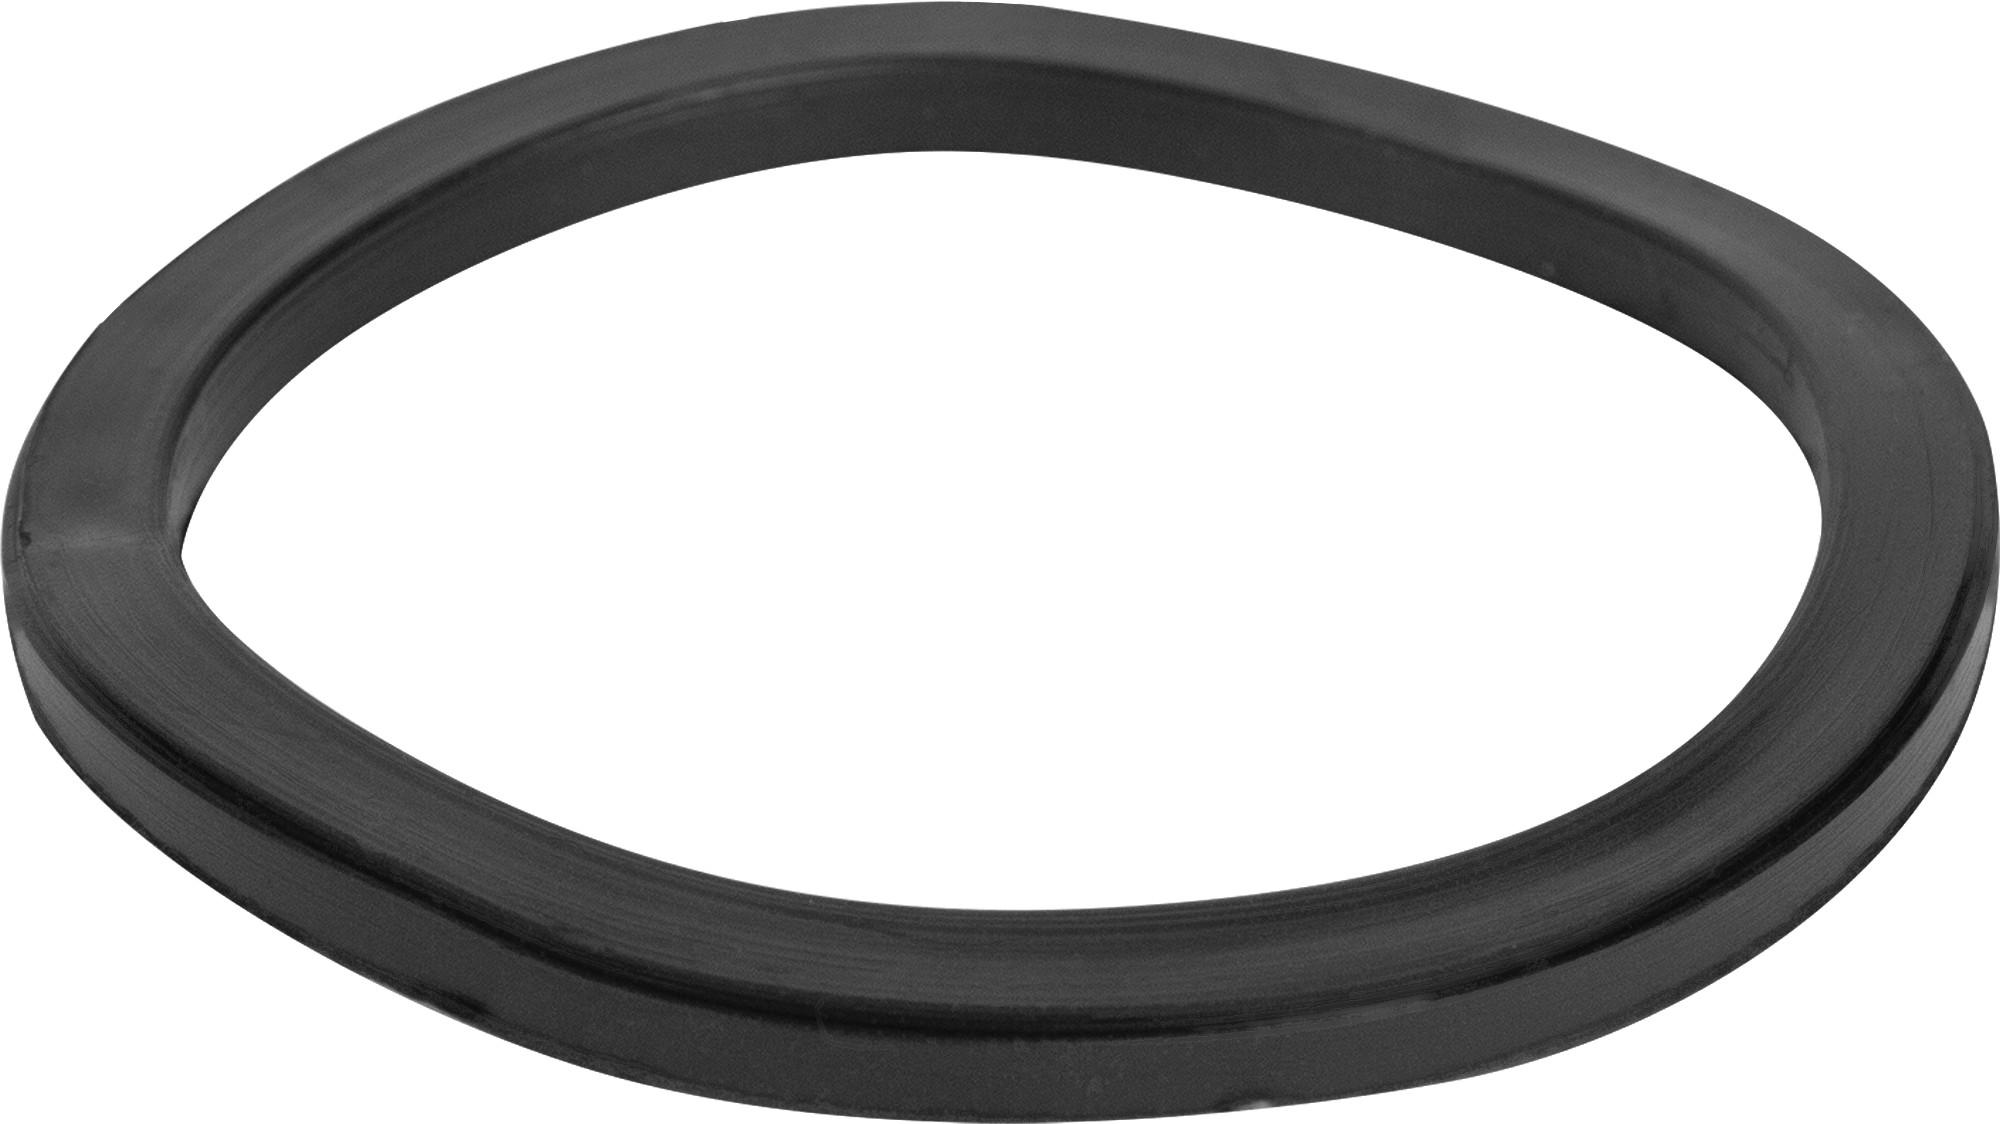 Уплотнительное кольцо Симтек для сифона 55х65х10 мм.